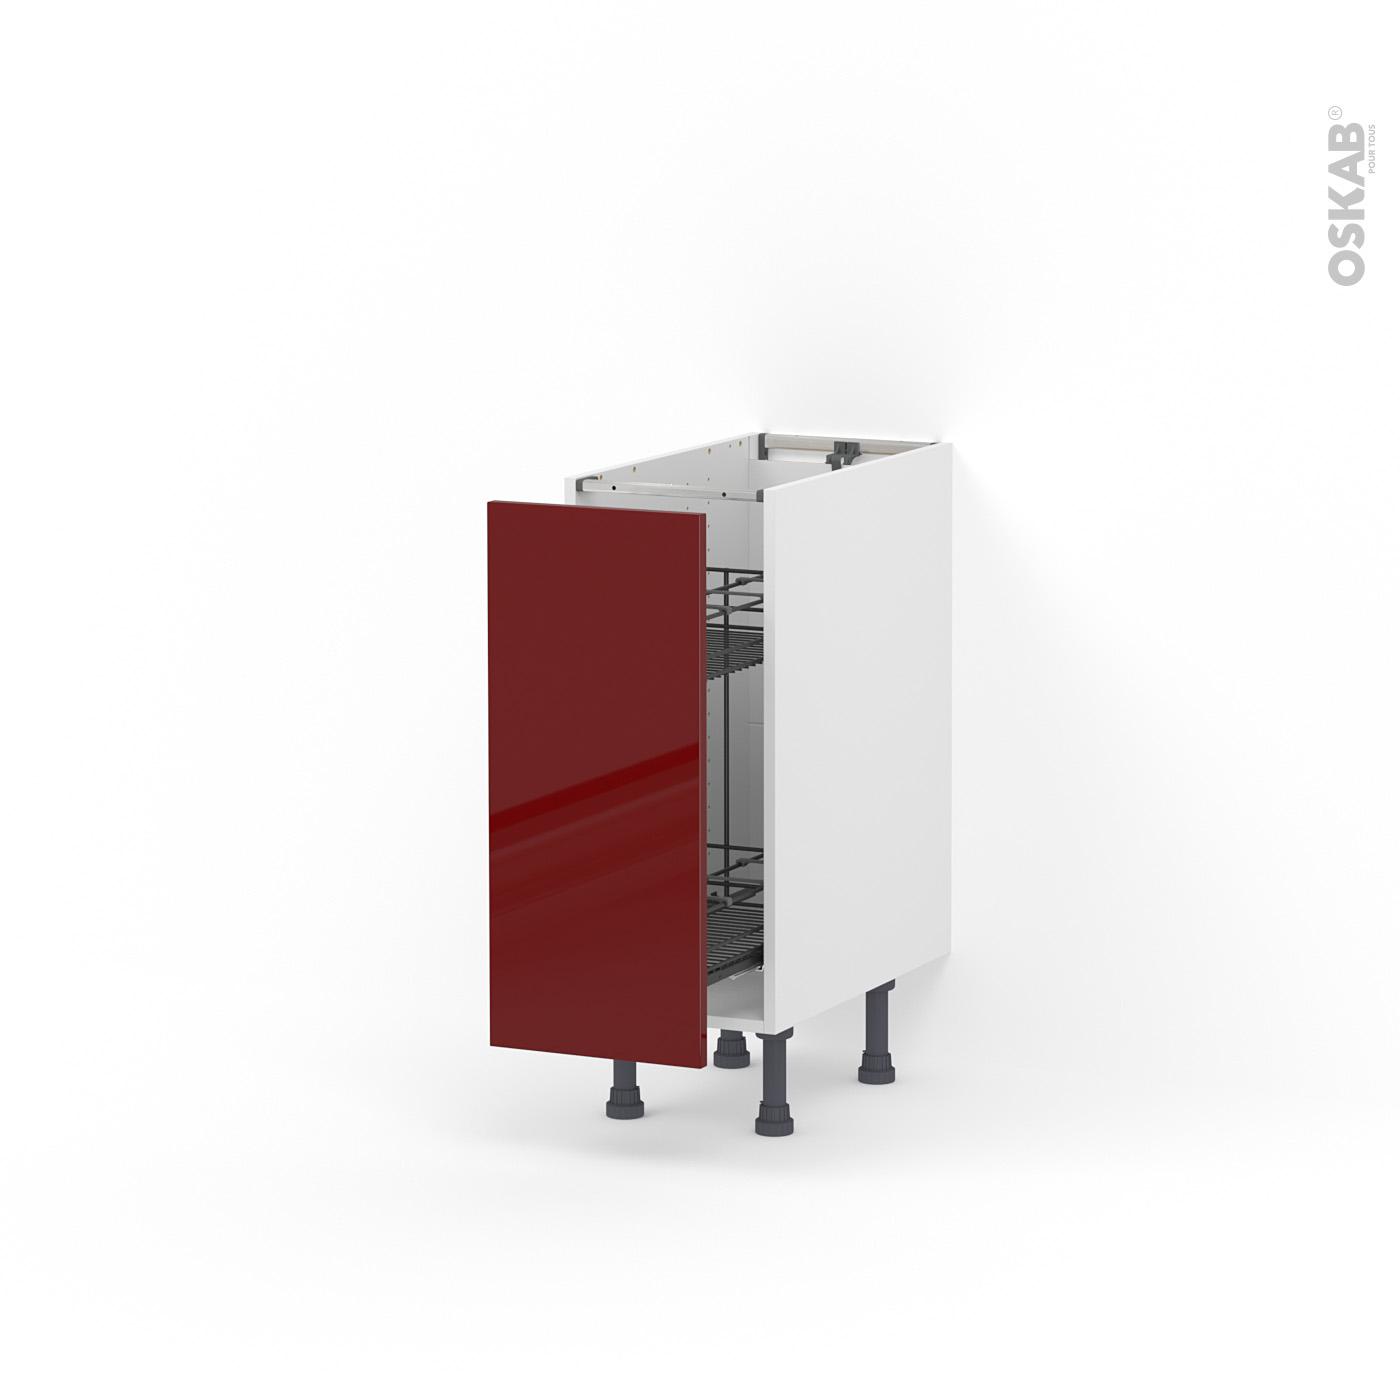 Meuble de cuisine Range épice epoxy IVIA Rouge, 10 porte, L10 x H10 x P10 cm